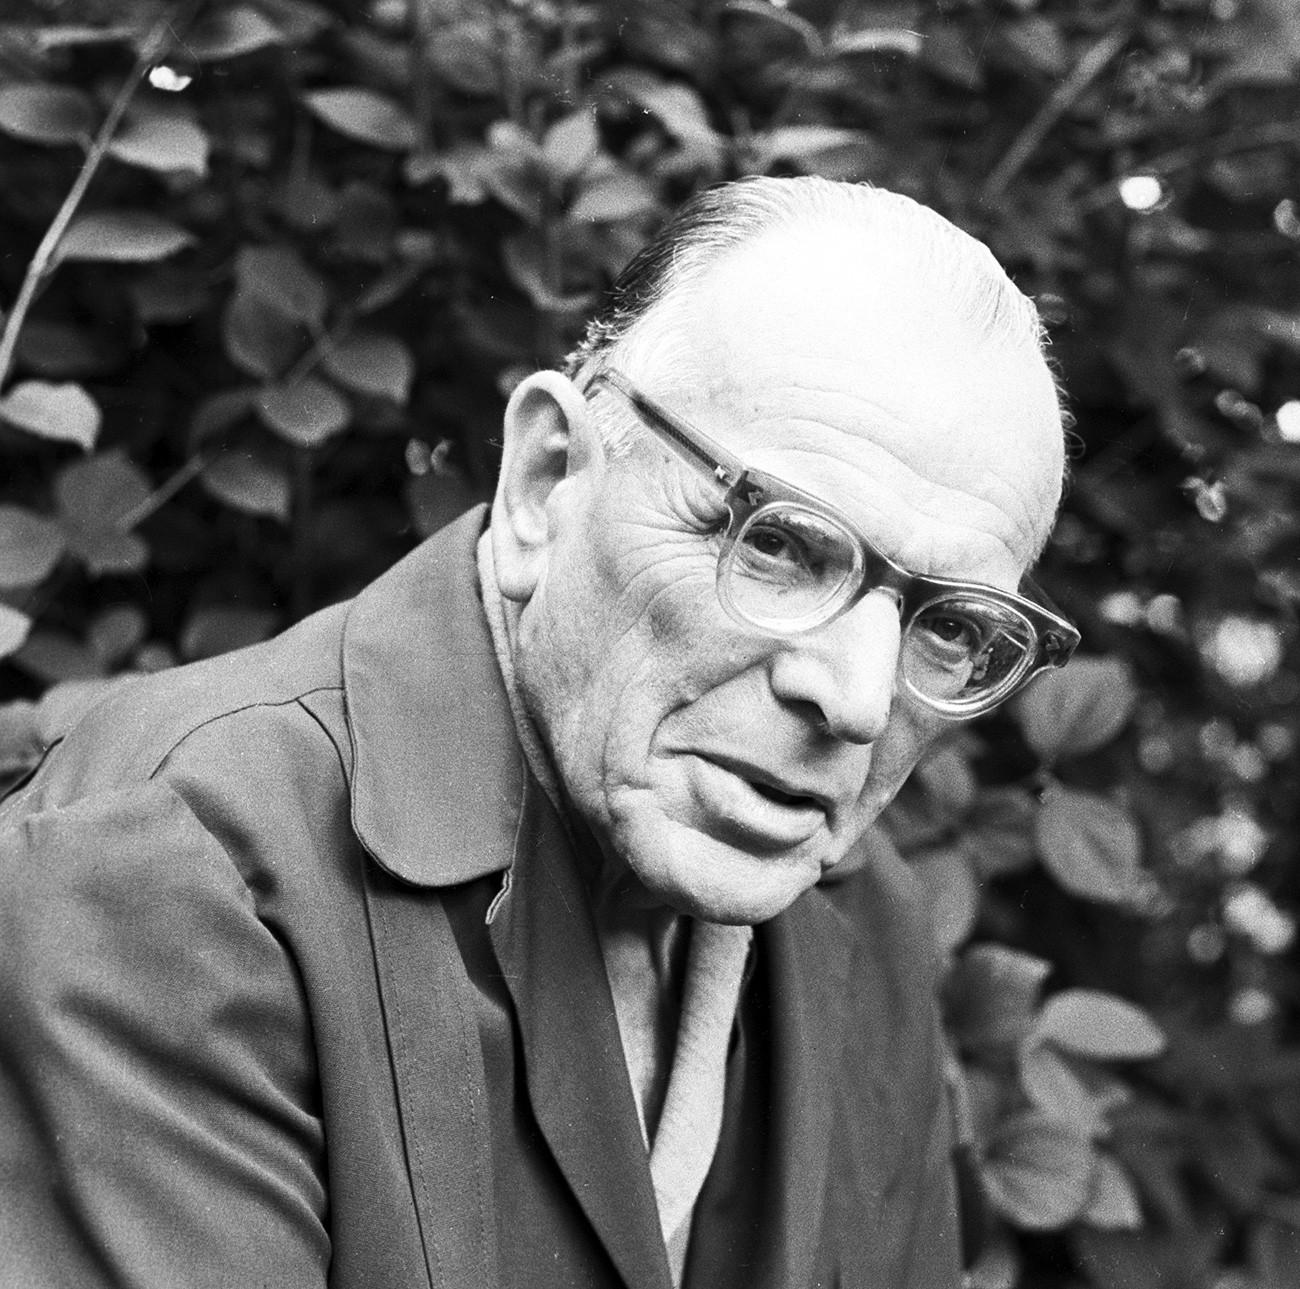 """Konstantín Paustóvsky é um dos mestres da descrição natural, e seu """"Pôvest o jízni"""" é uma obra autobiográfica fundamental em seis tomos."""